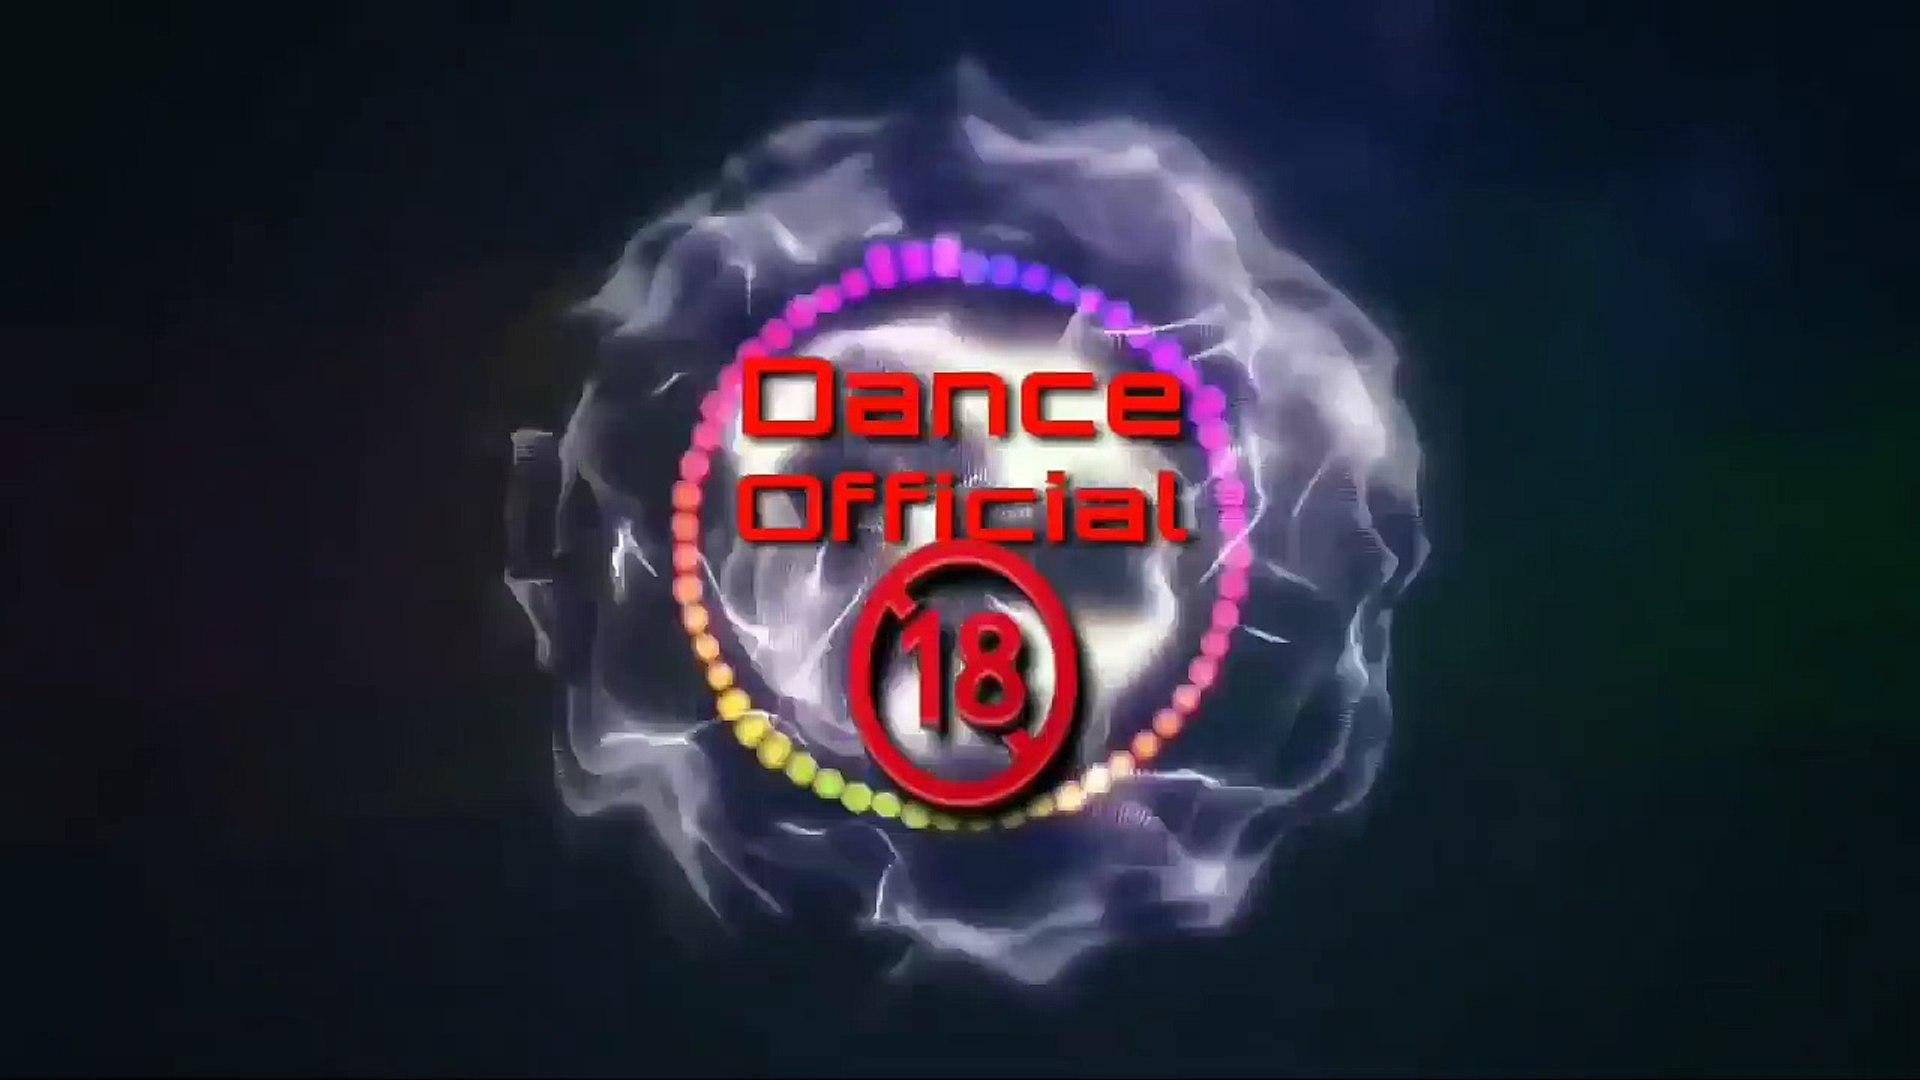 حفلة-رقص-فاجر رقص-رقص-مثير-و-فاجر-تحرش-قصارة-18 - 2017